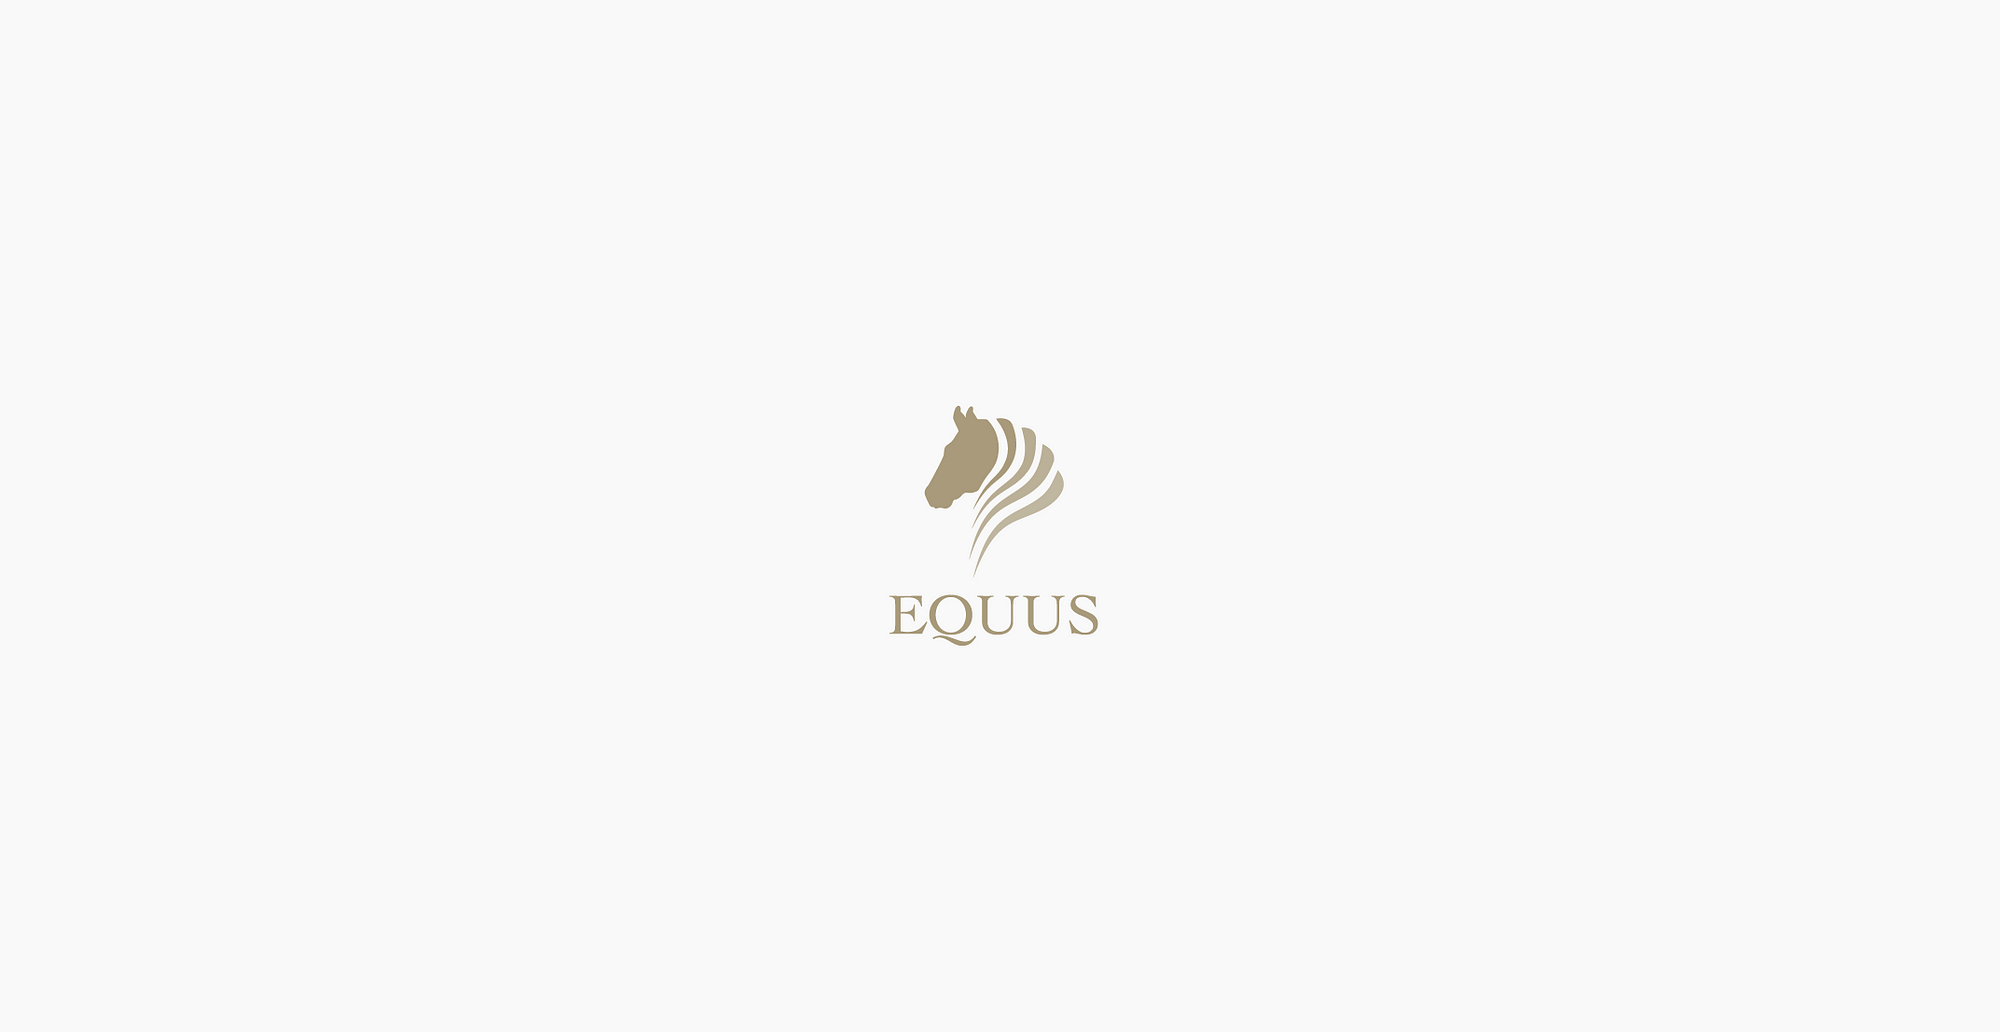 Logo designe for Equus